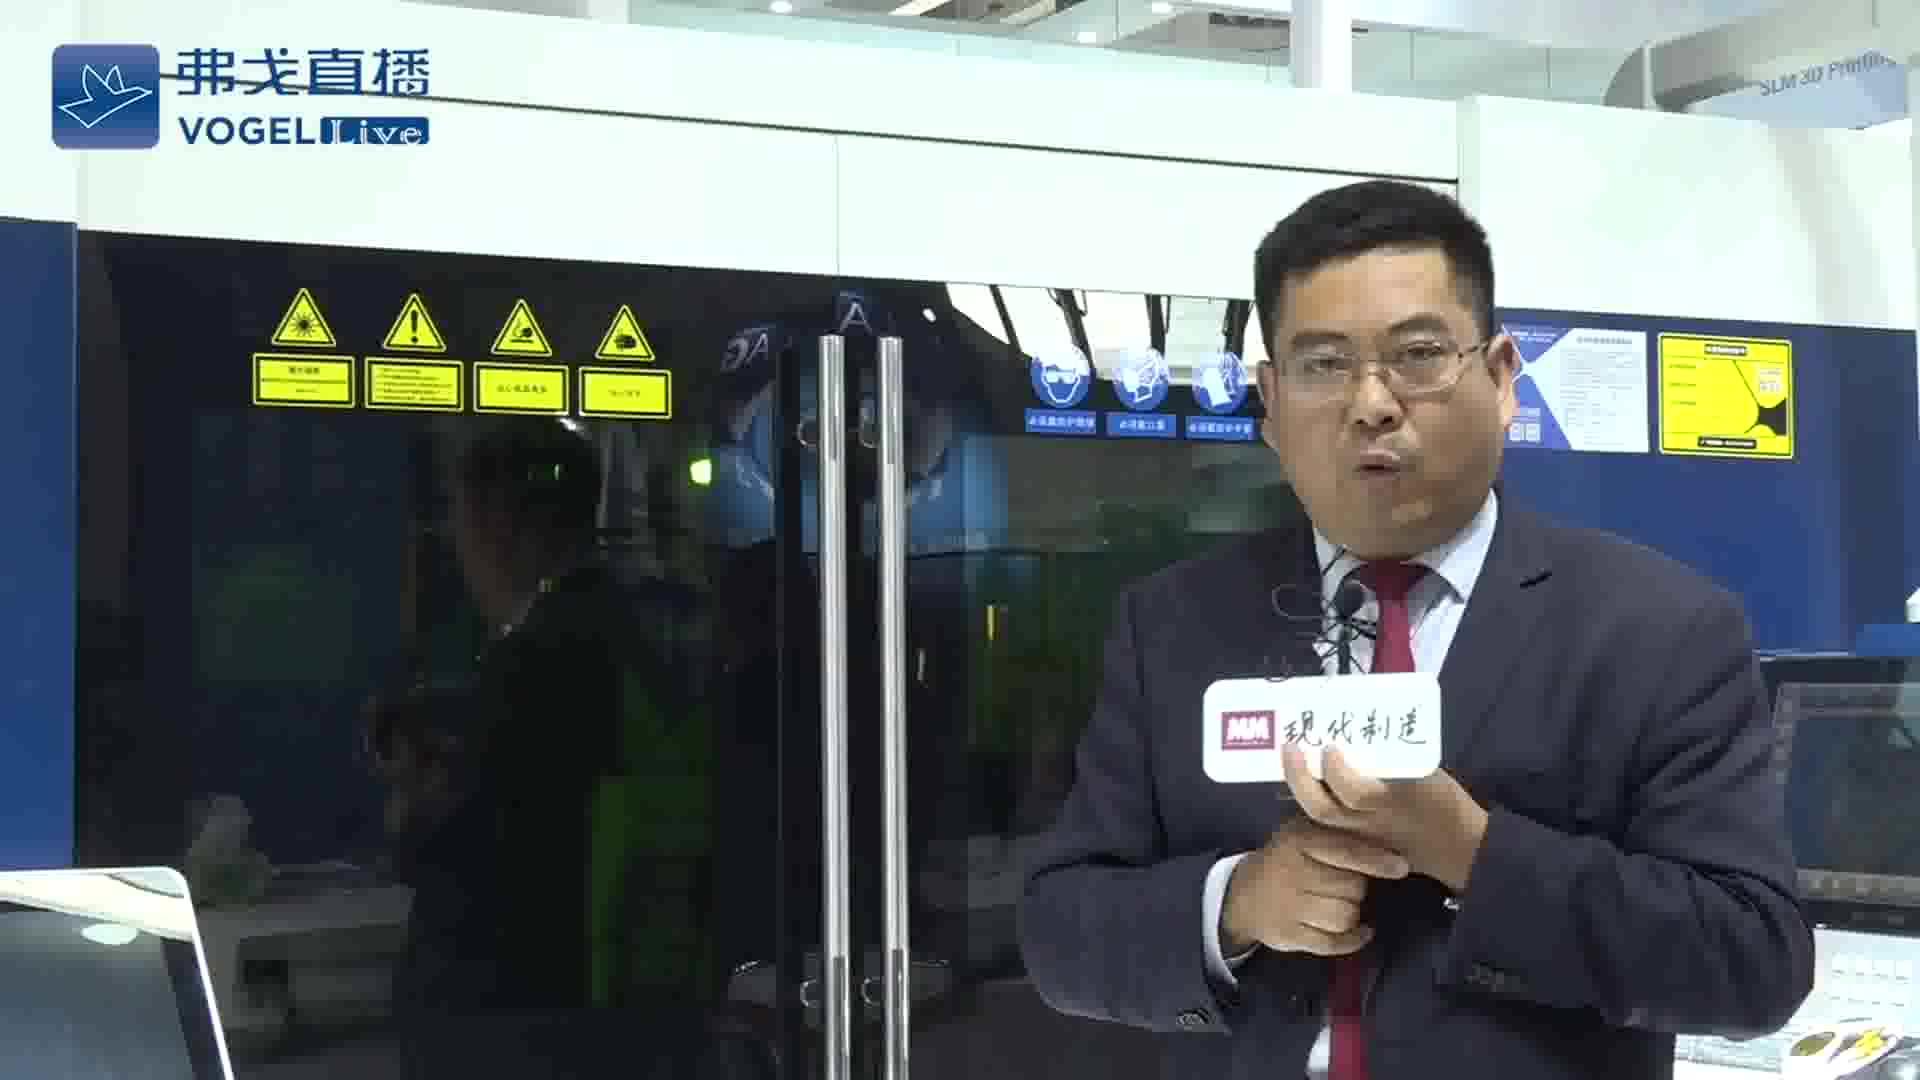 陈锋先生 大族激光智能装备集团有限公司销售总监介绍展品-CIMT2019